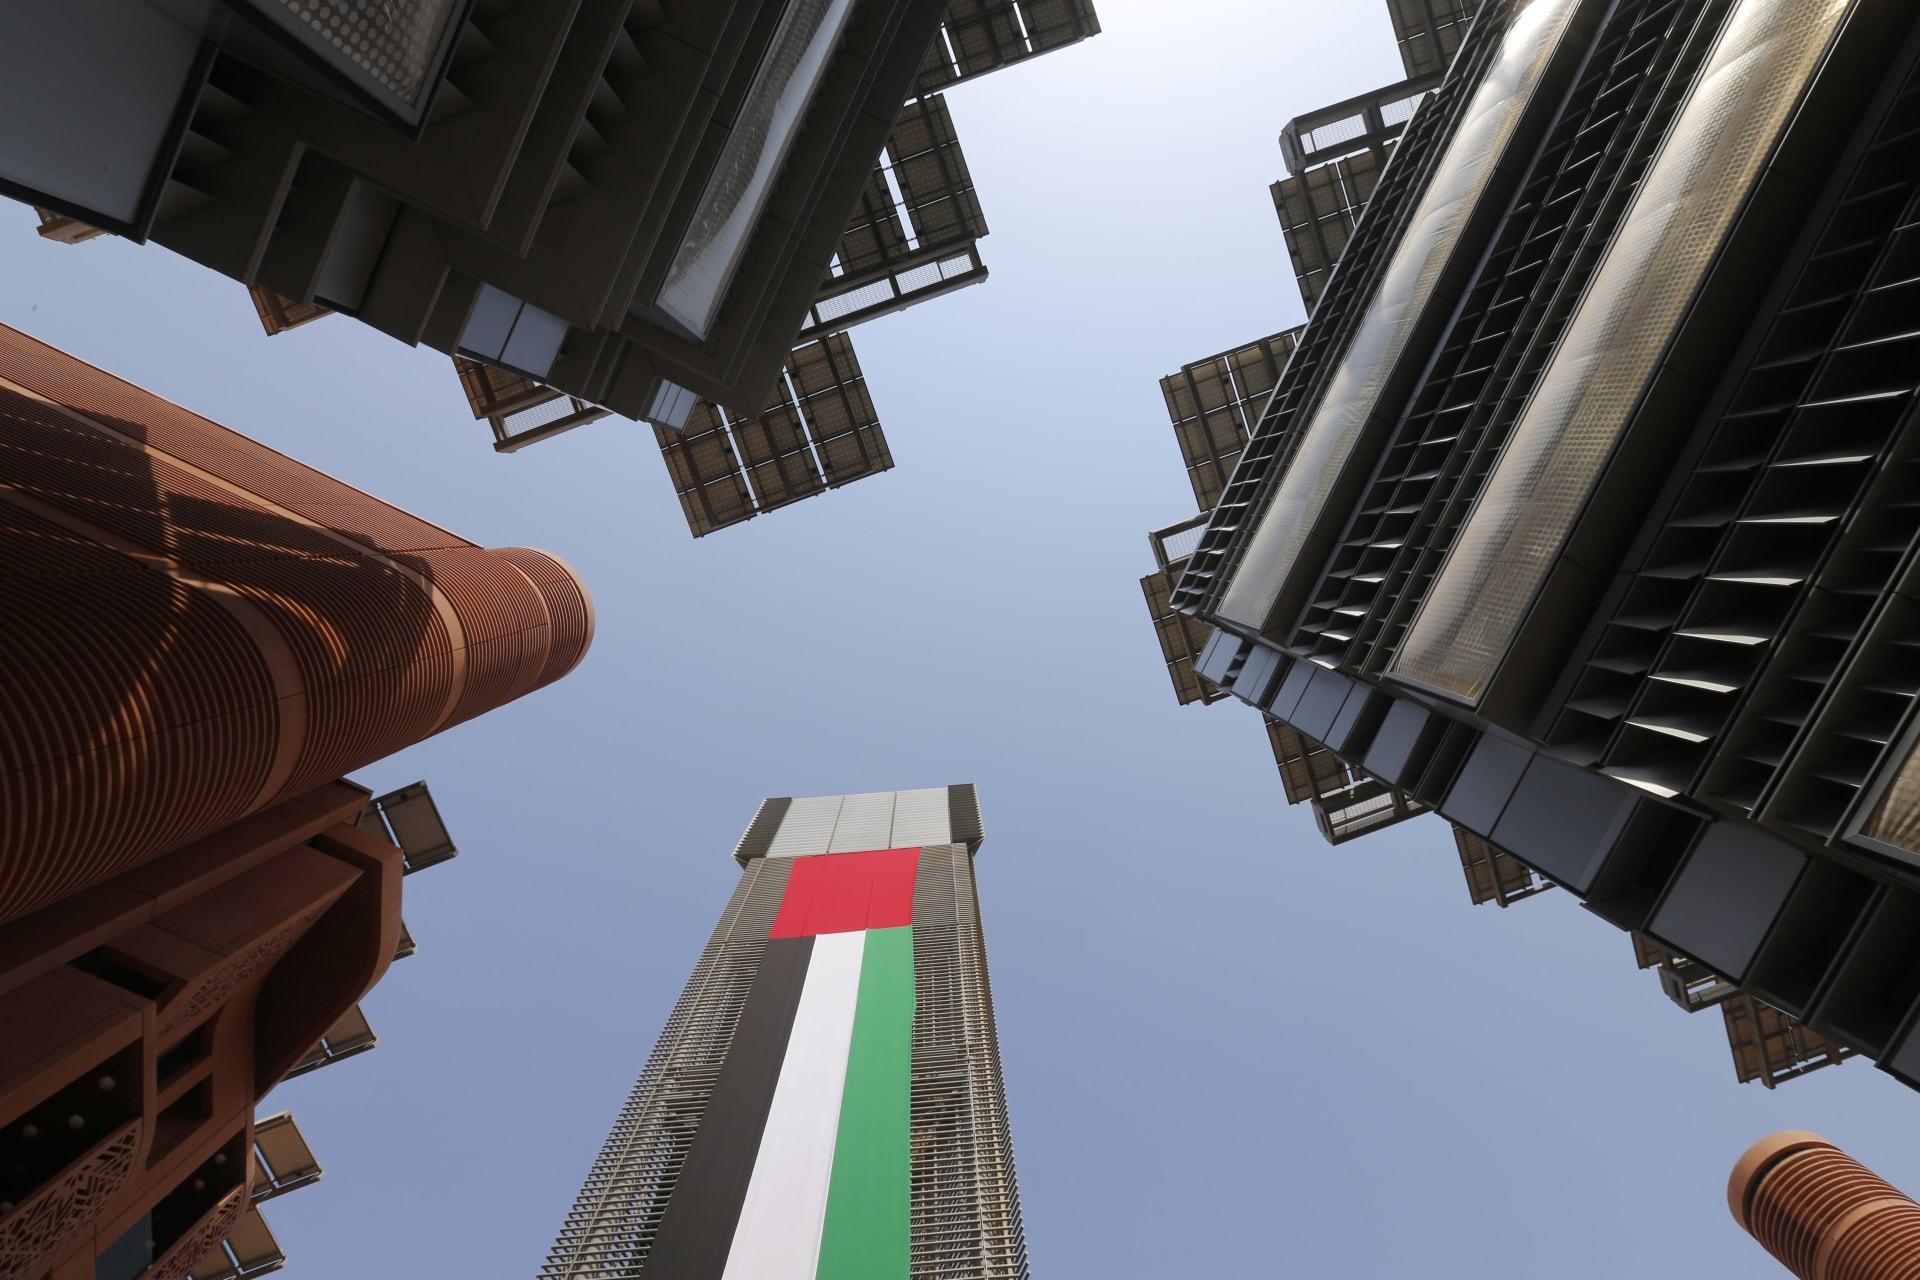 ما هي توقعات المهنيين لسوق العمل الإماراتي في العام المقبل؟